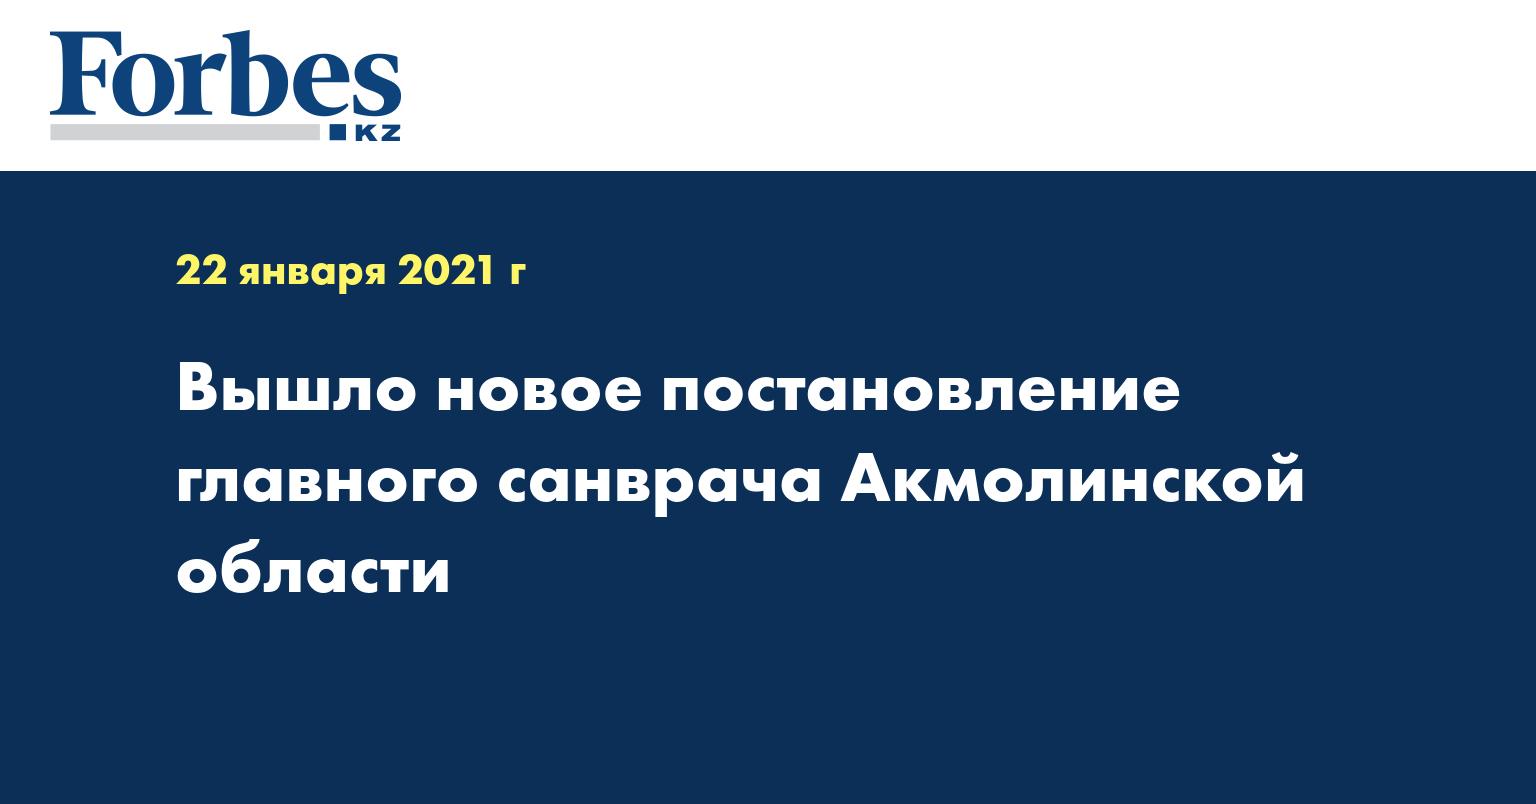 Вышло новое постановление главного санврача Акмолинской области